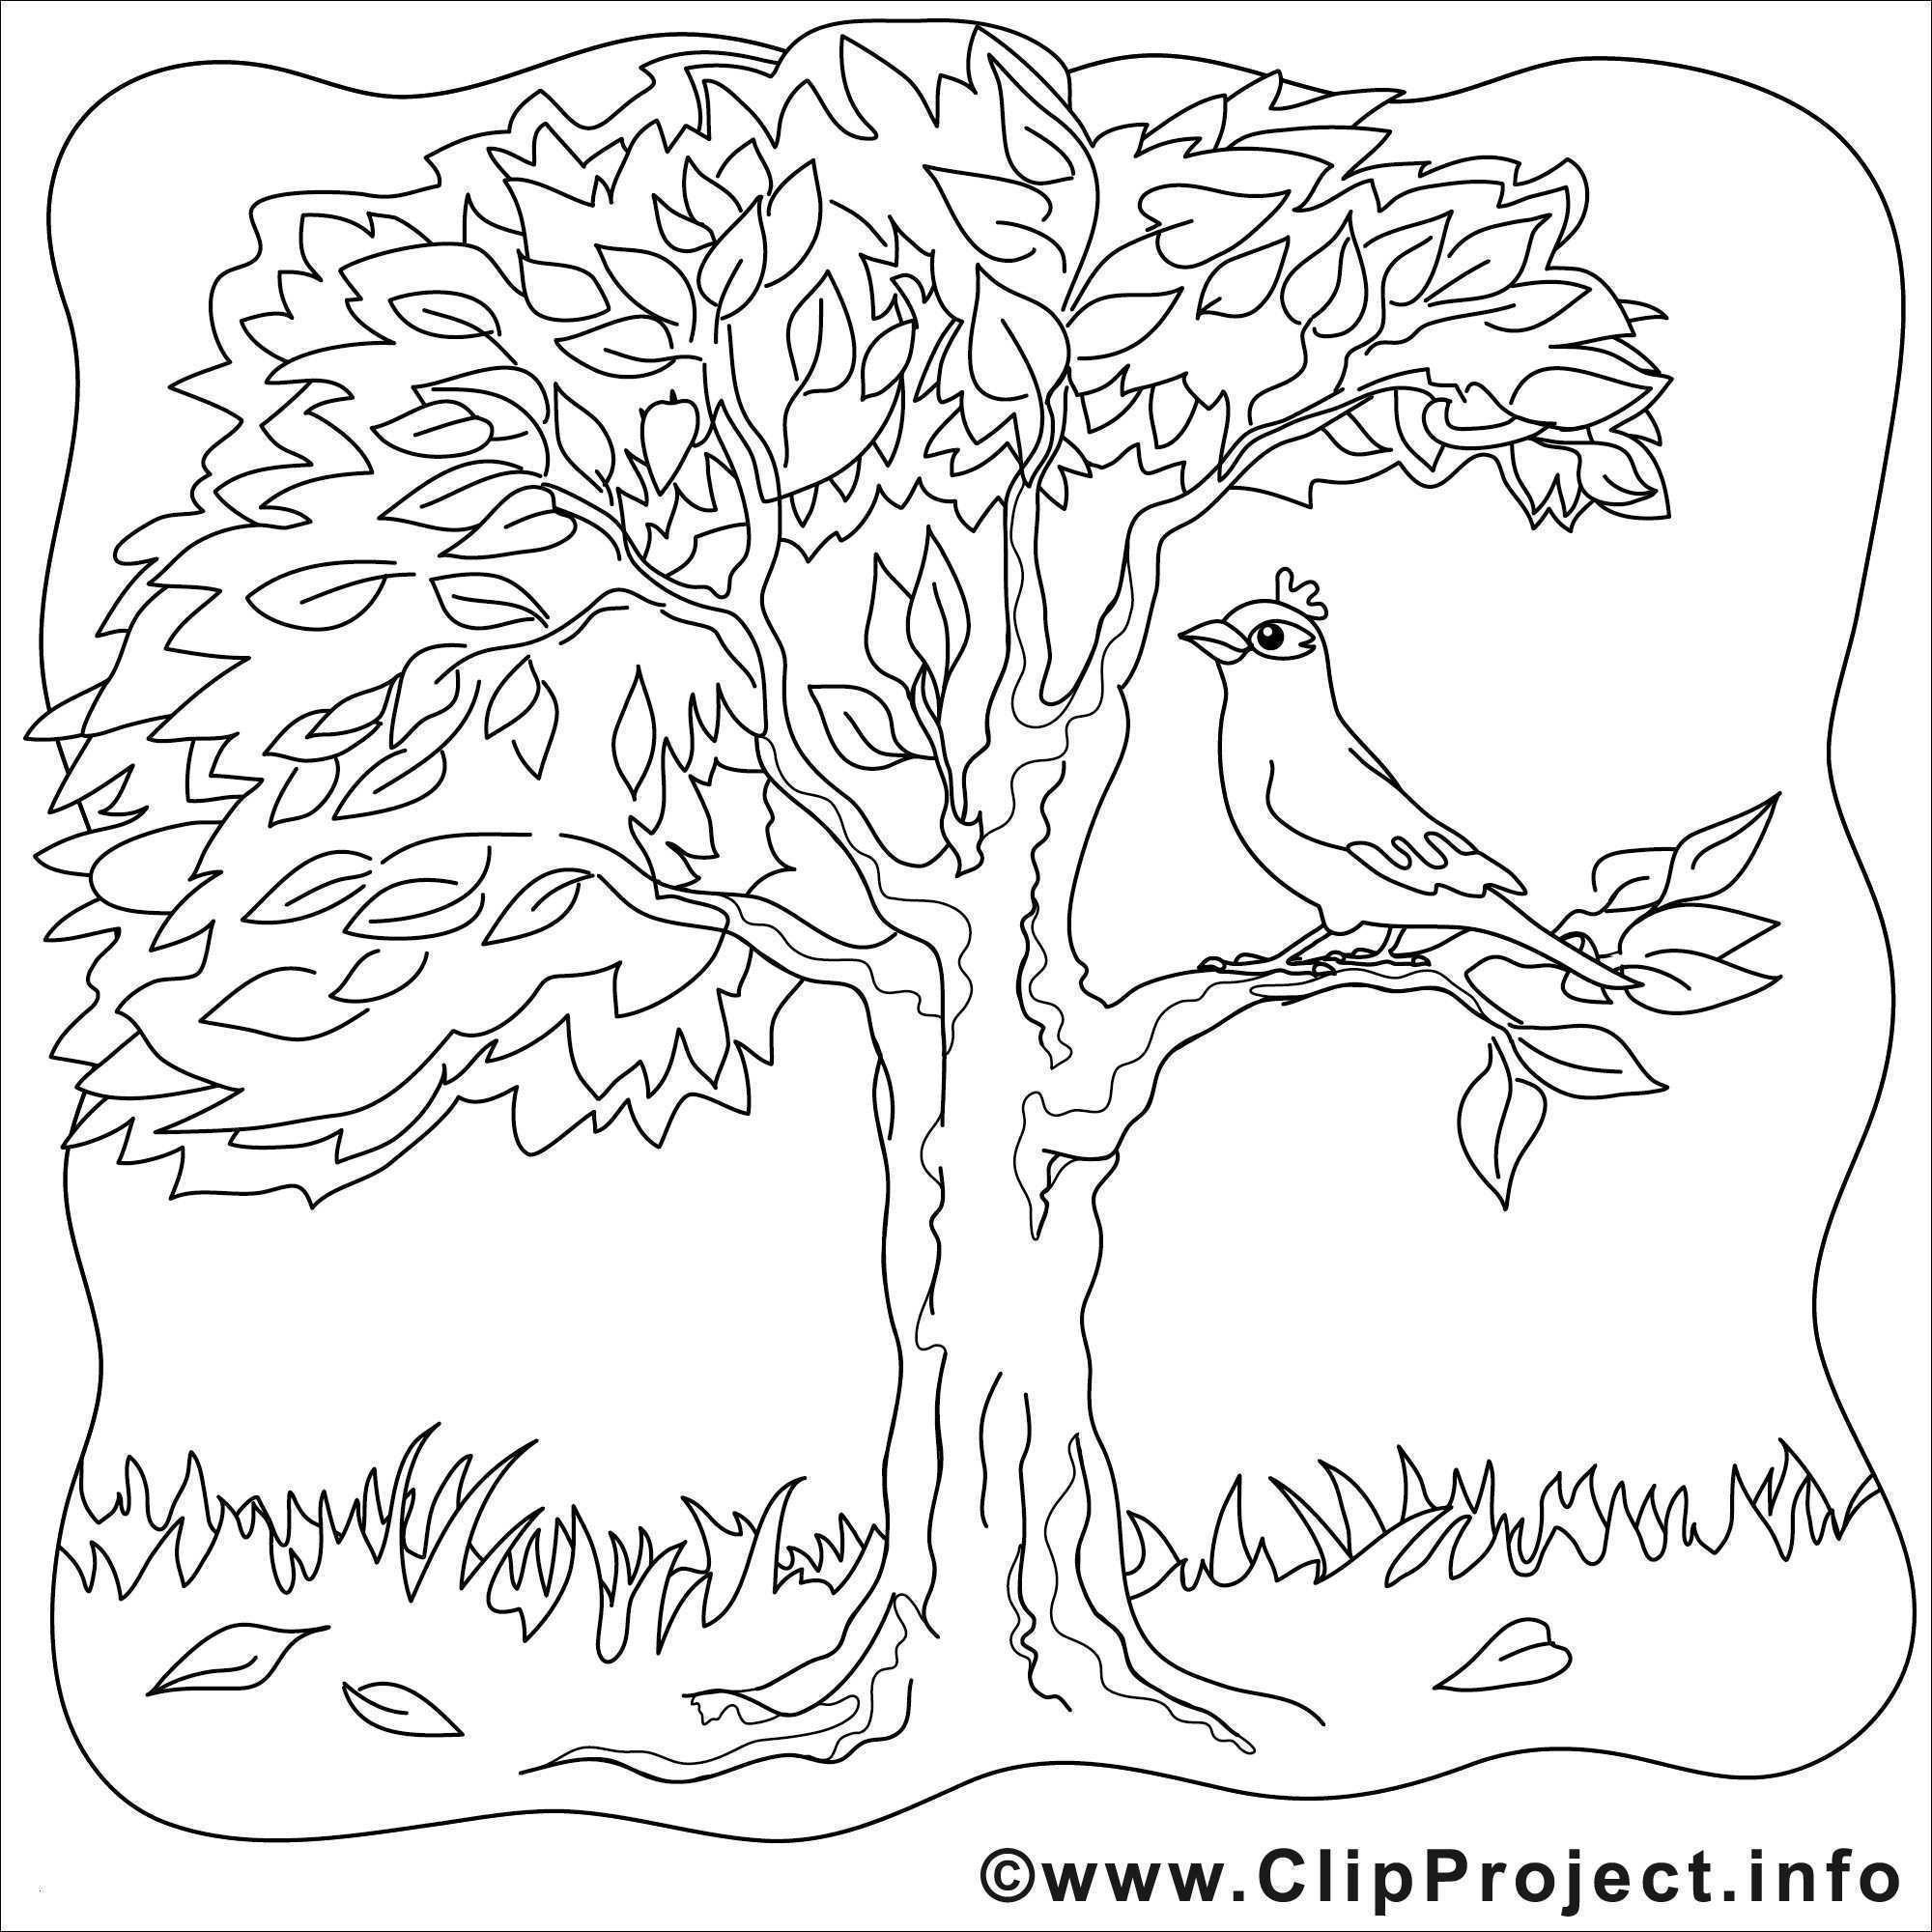 Malvorlage Baum Mit Wurzeln Das Beste Von Kahler Baum Malvorlage Aufnahme 40 Malvorlagen Herbst Baum Bild